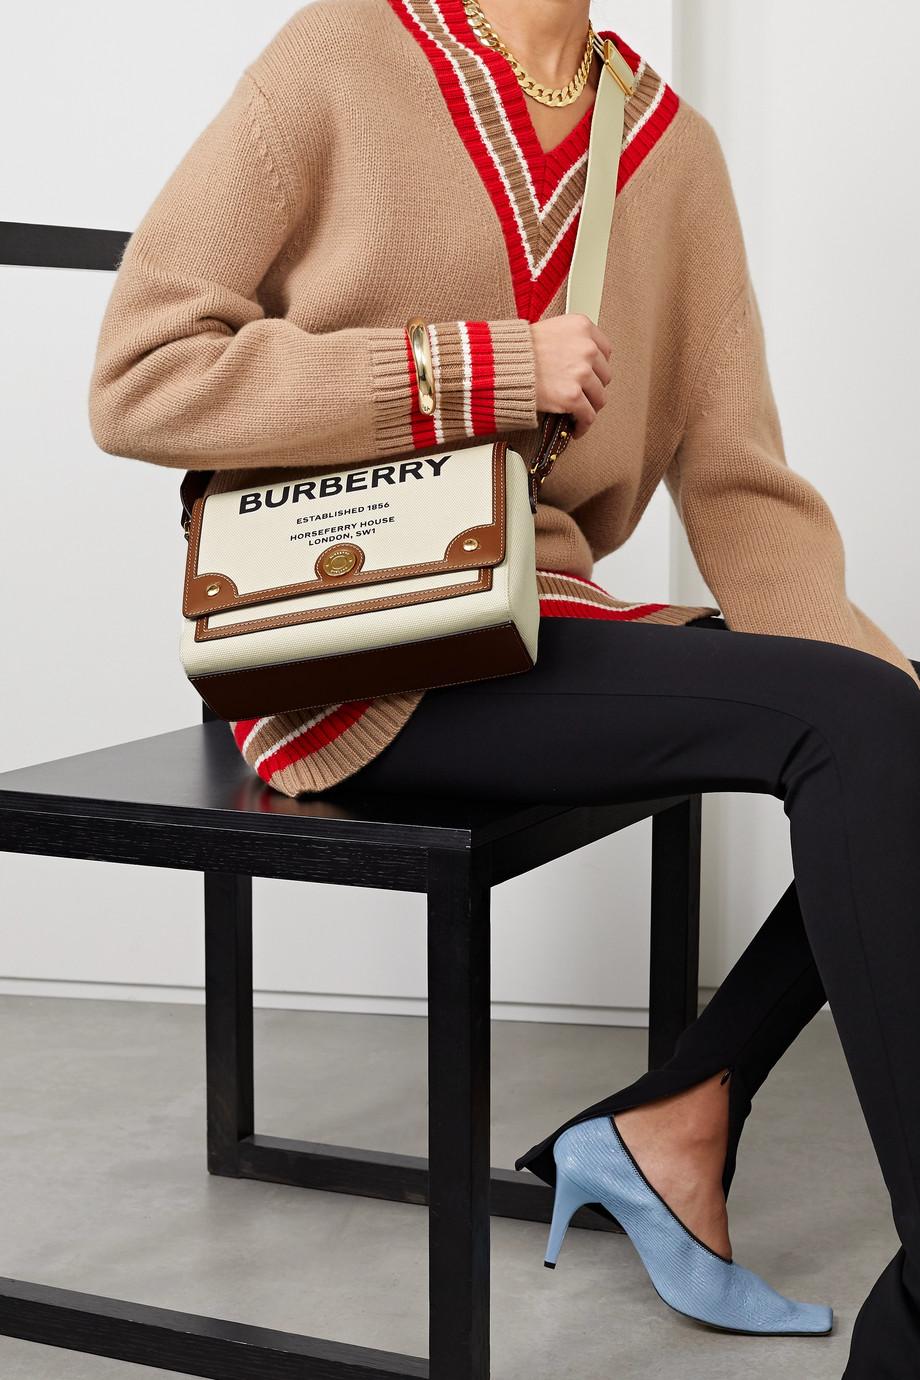 Burberry Leather-trimmed printed canvas shoulder bag